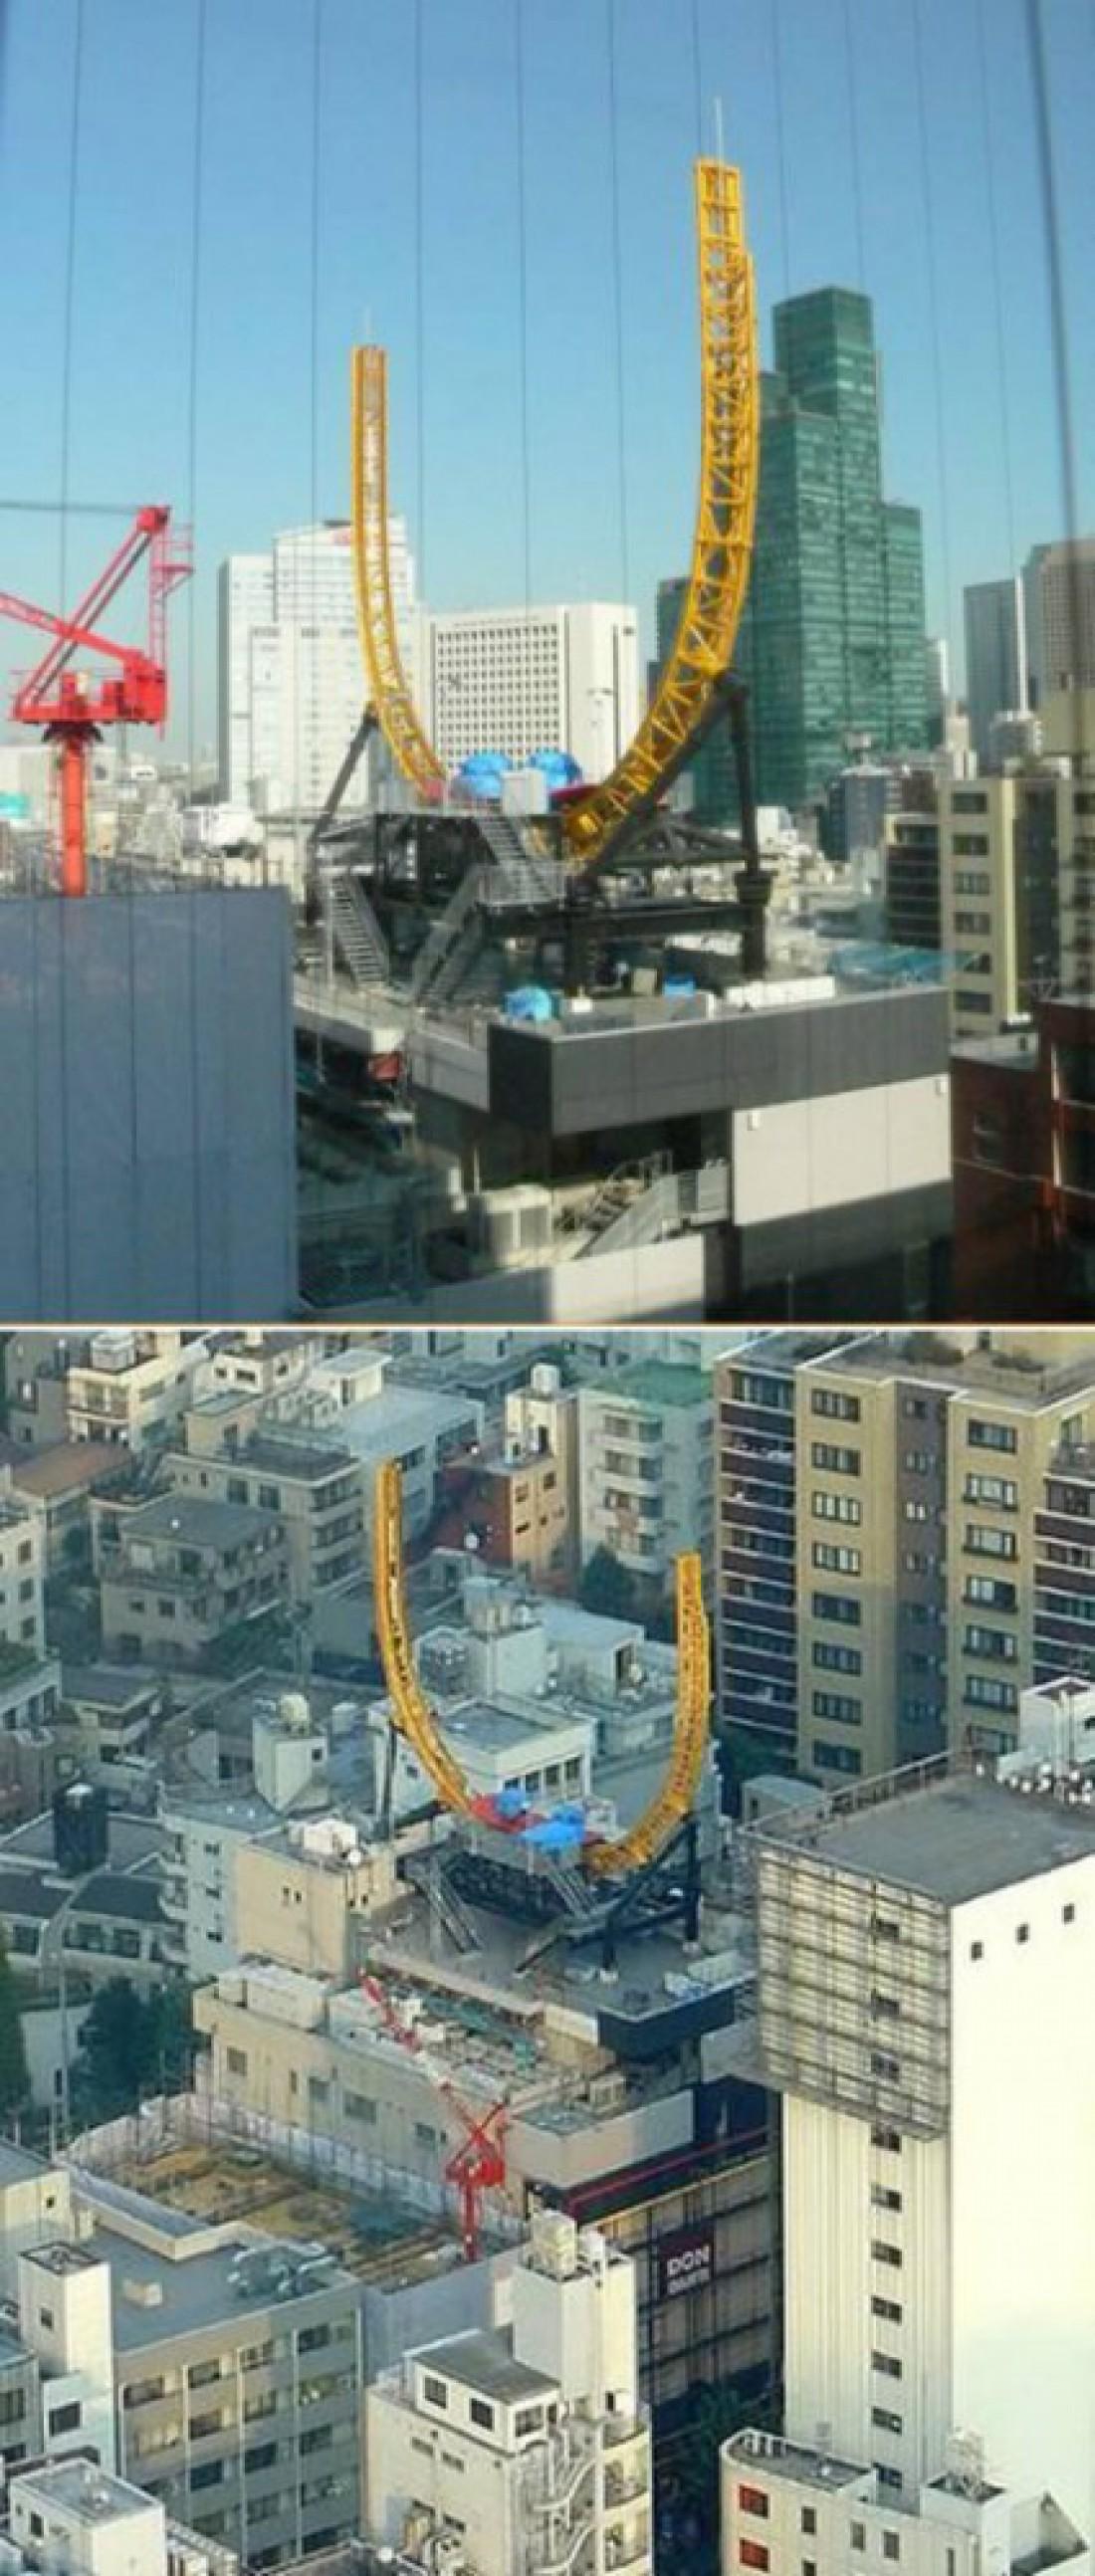 Японцы, боясь расшатывания здания, так и не открыли Half Pipe